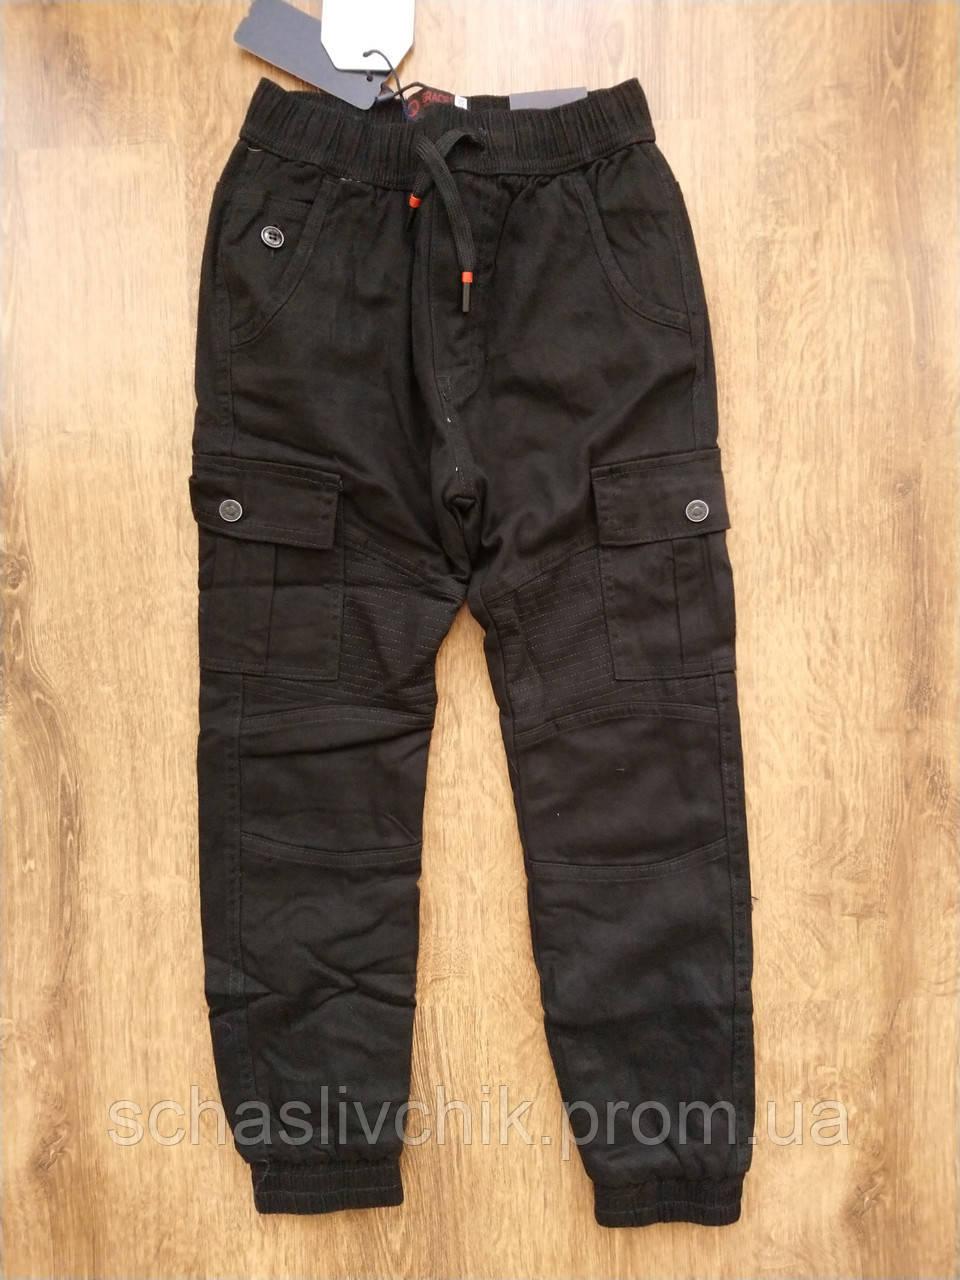 Джинсы брюки для мальчиков на флисе с Венгрии оптом , размер 116-146, фирма Grace